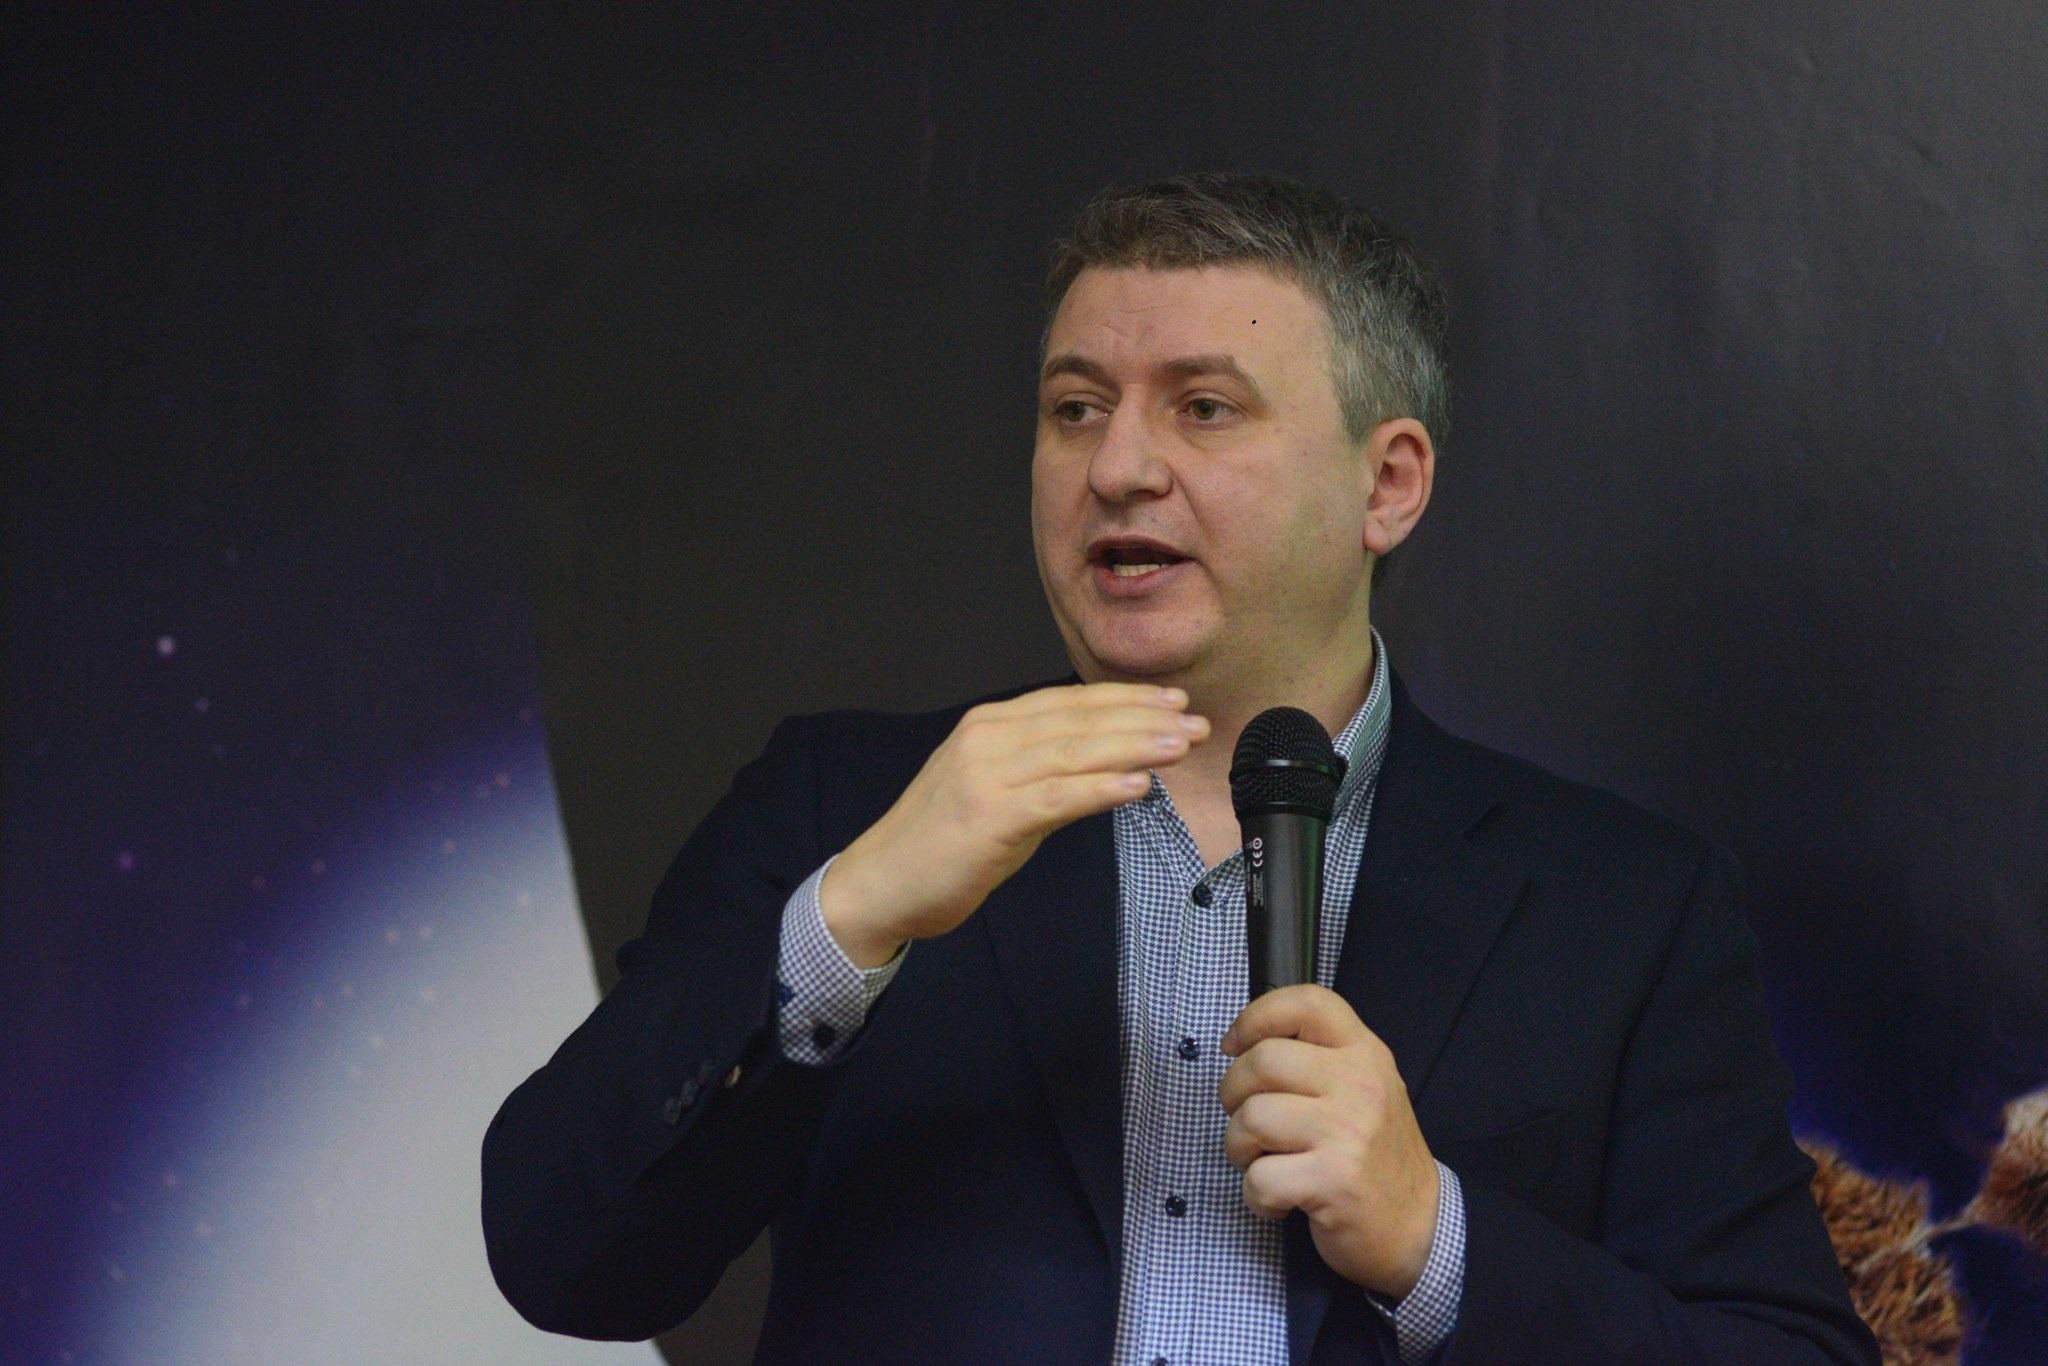 Юрий Романенко: Украина должна сбросить балласт, иначе ее ждут тяжелые времена